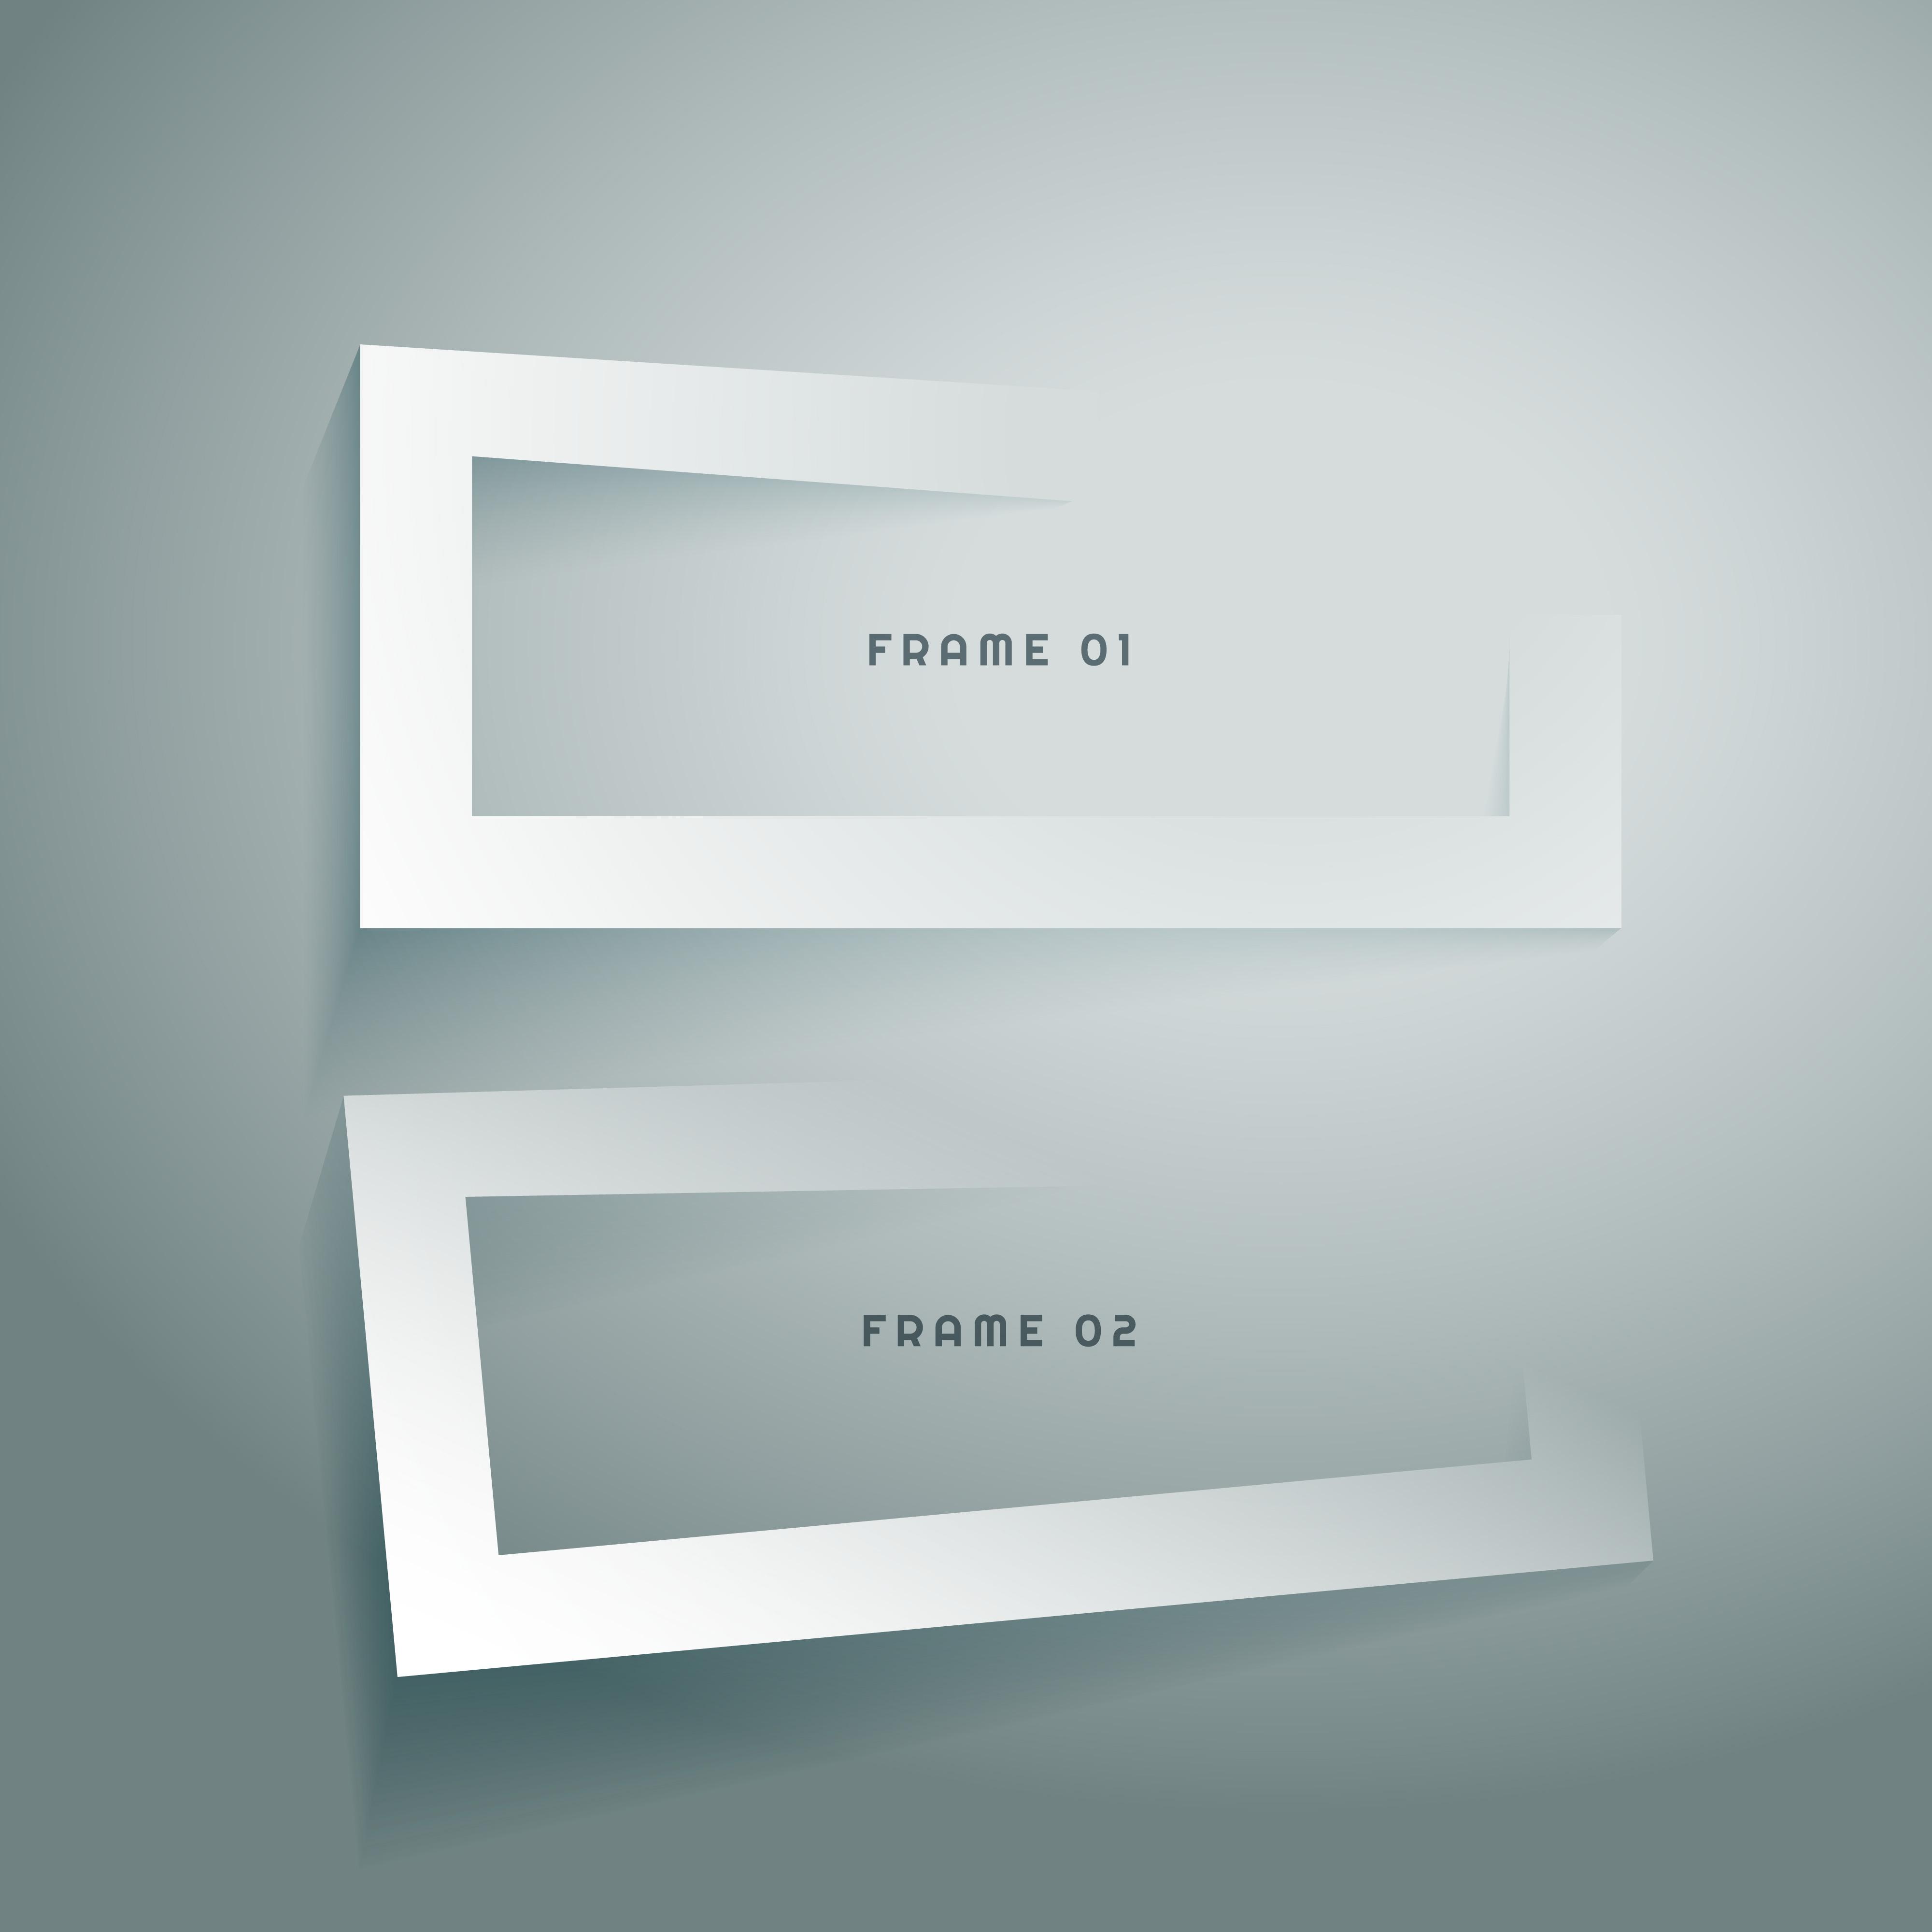 3d Frames Free Vector Art - (7965 Free Downloads)